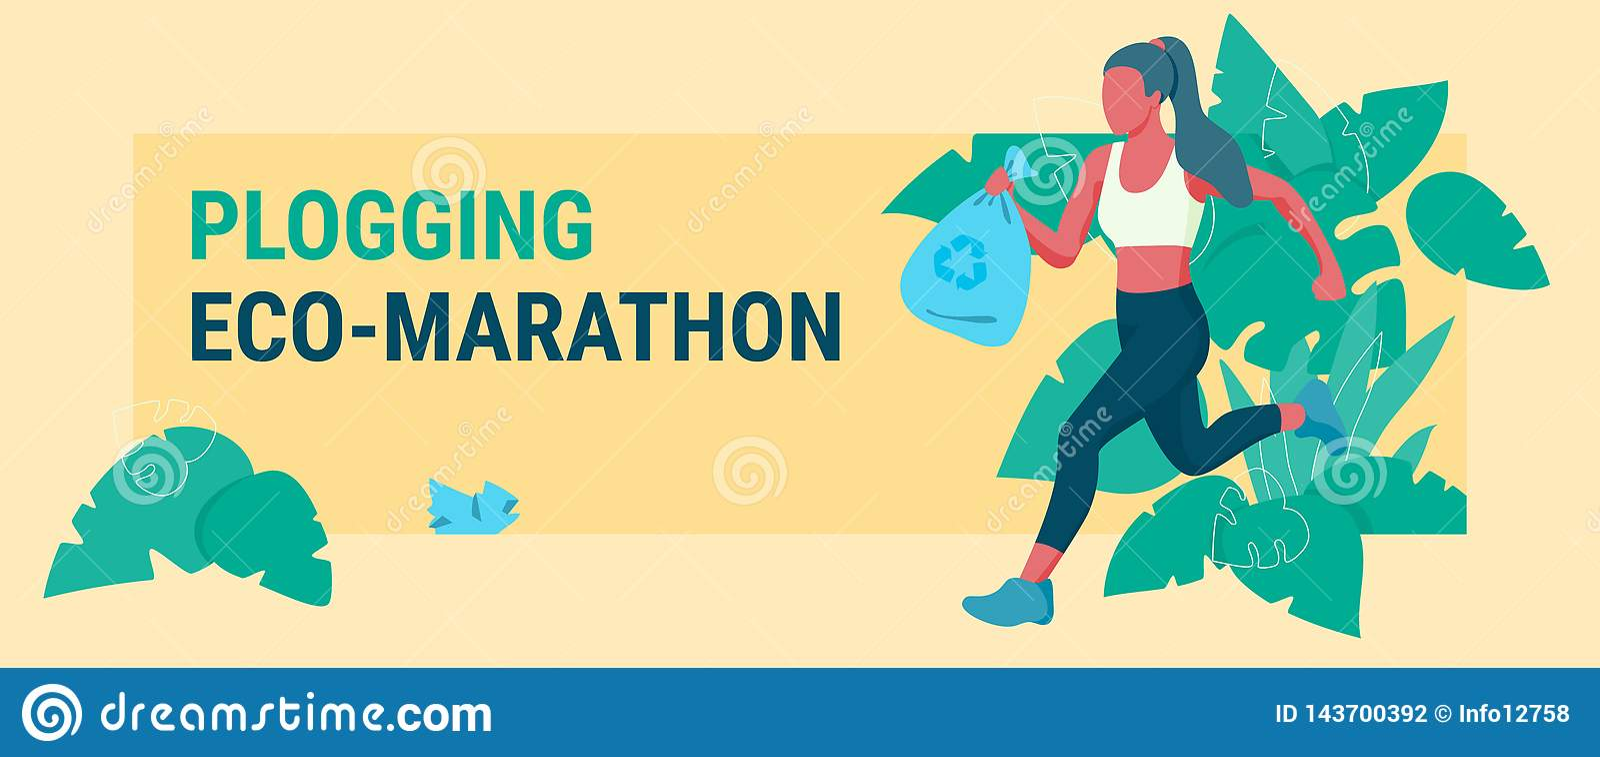 Woman picking up litter during plogging marathon